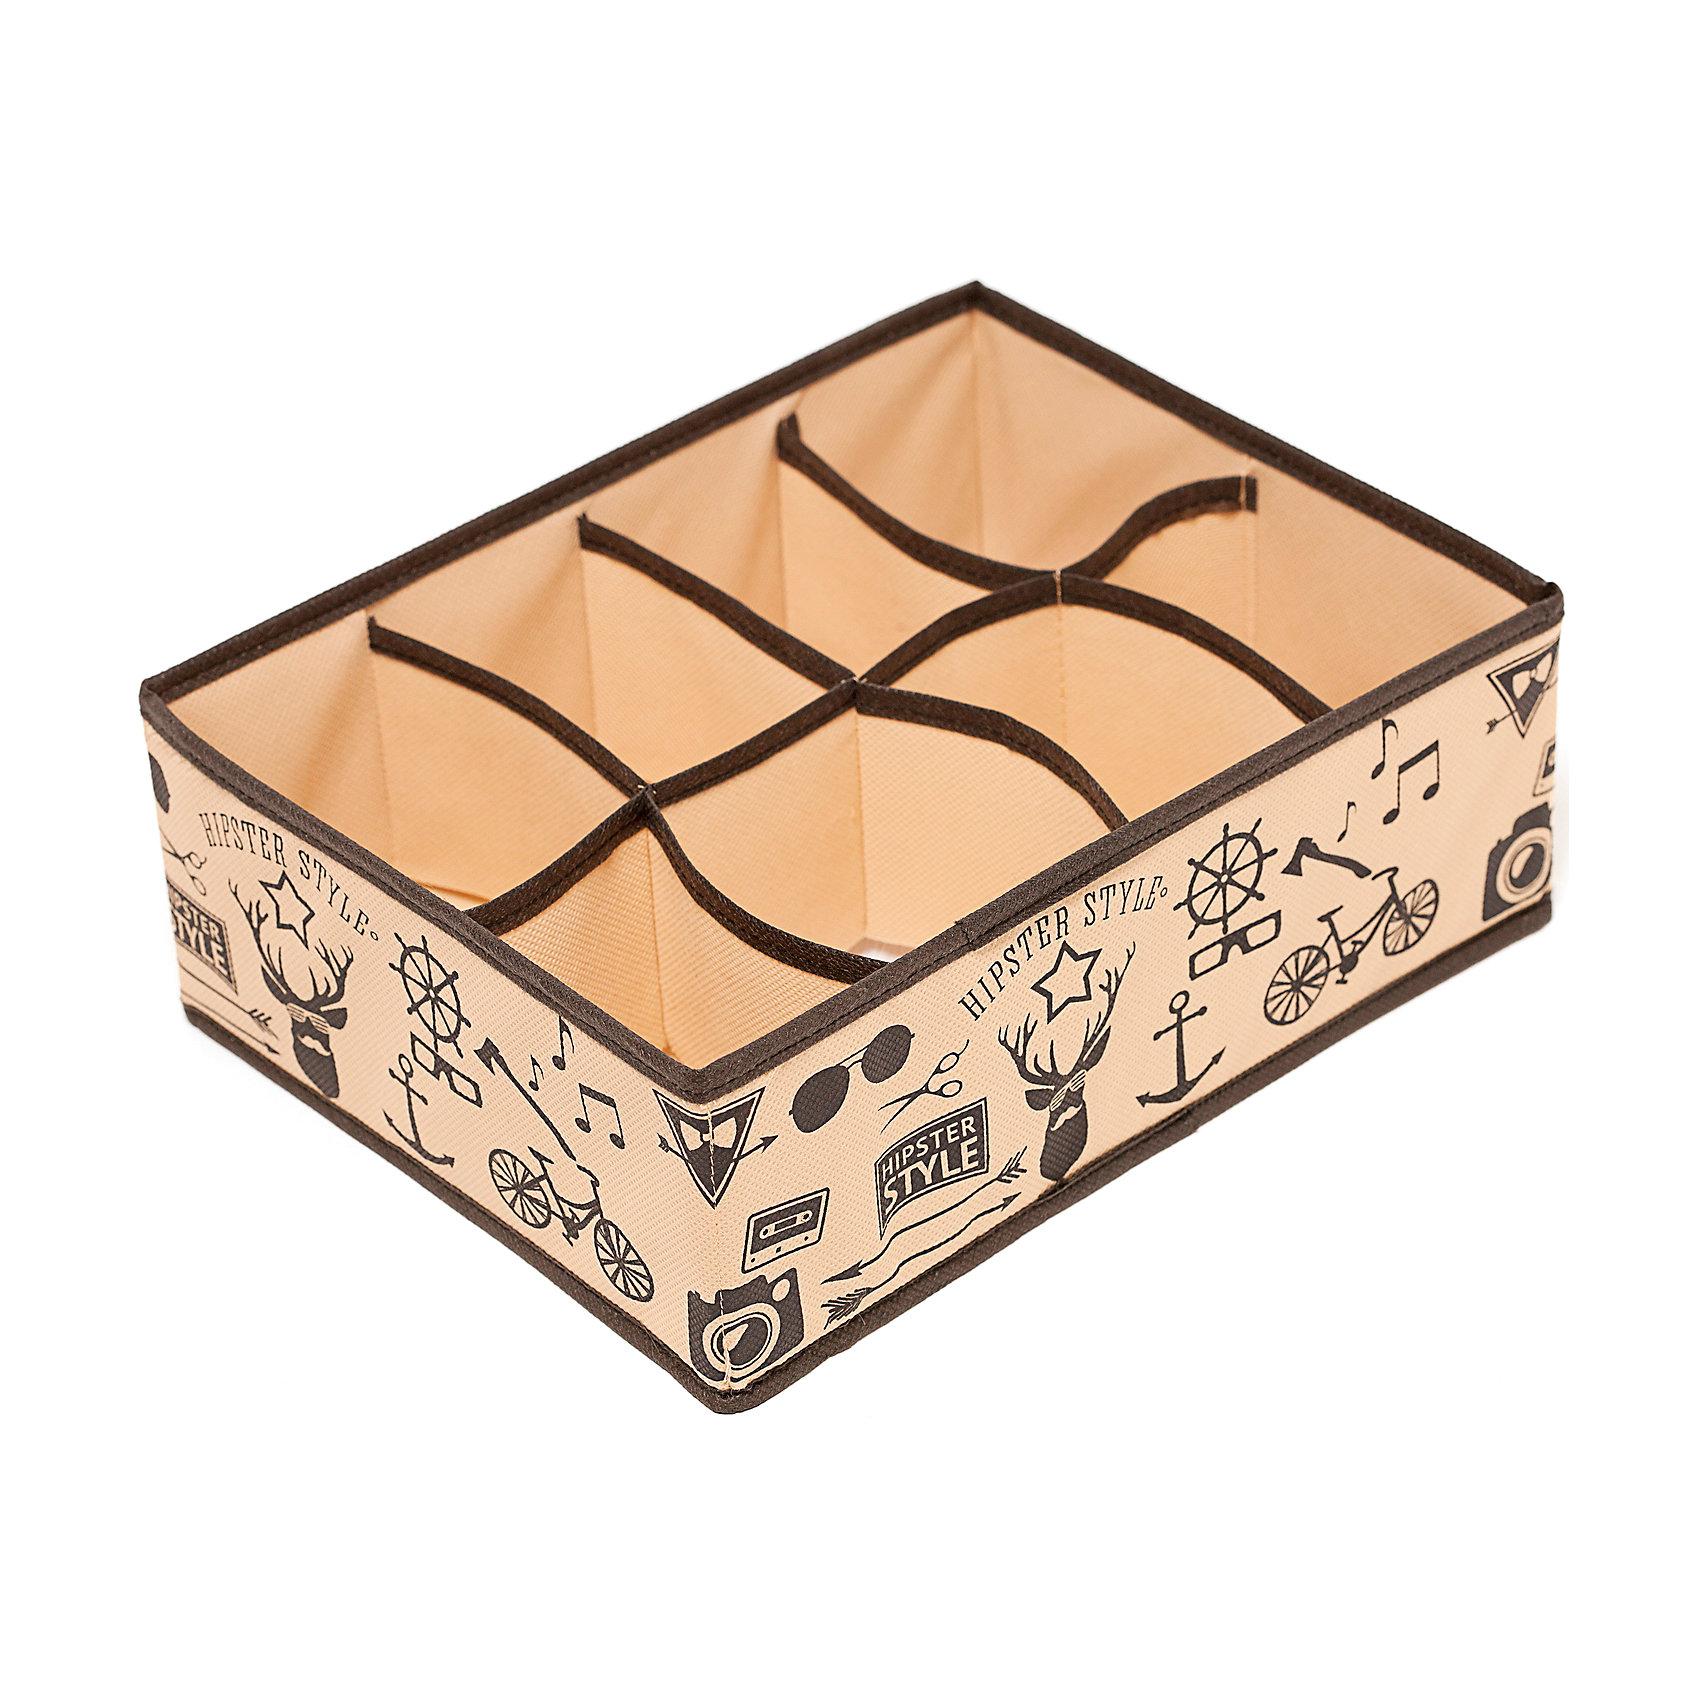 Органайзер на 8 секций Hipster Style (31*24*11), HomsuПорядок в детской<br>Прямоугольный и плоский органайзер имеет 8 раздельных ячеек размером 12Х8см, очень удобен для хранения вещей среднего размера в вашем ящике или на полке. Идеально для белья, шапок, рукавиц и других вещей ежедневного пользования. Имеет жесткие борта, что является гарантией сохранности вещей. Подходит в шкафы Били от Икея.<br><br>Ширина мм: 530<br>Глубина мм: 110<br>Высота мм: 20<br>Вес г: 200<br>Возраст от месяцев: 216<br>Возраст до месяцев: 1188<br>Пол: Унисекс<br>Возраст: Детский<br>SKU: 5620137